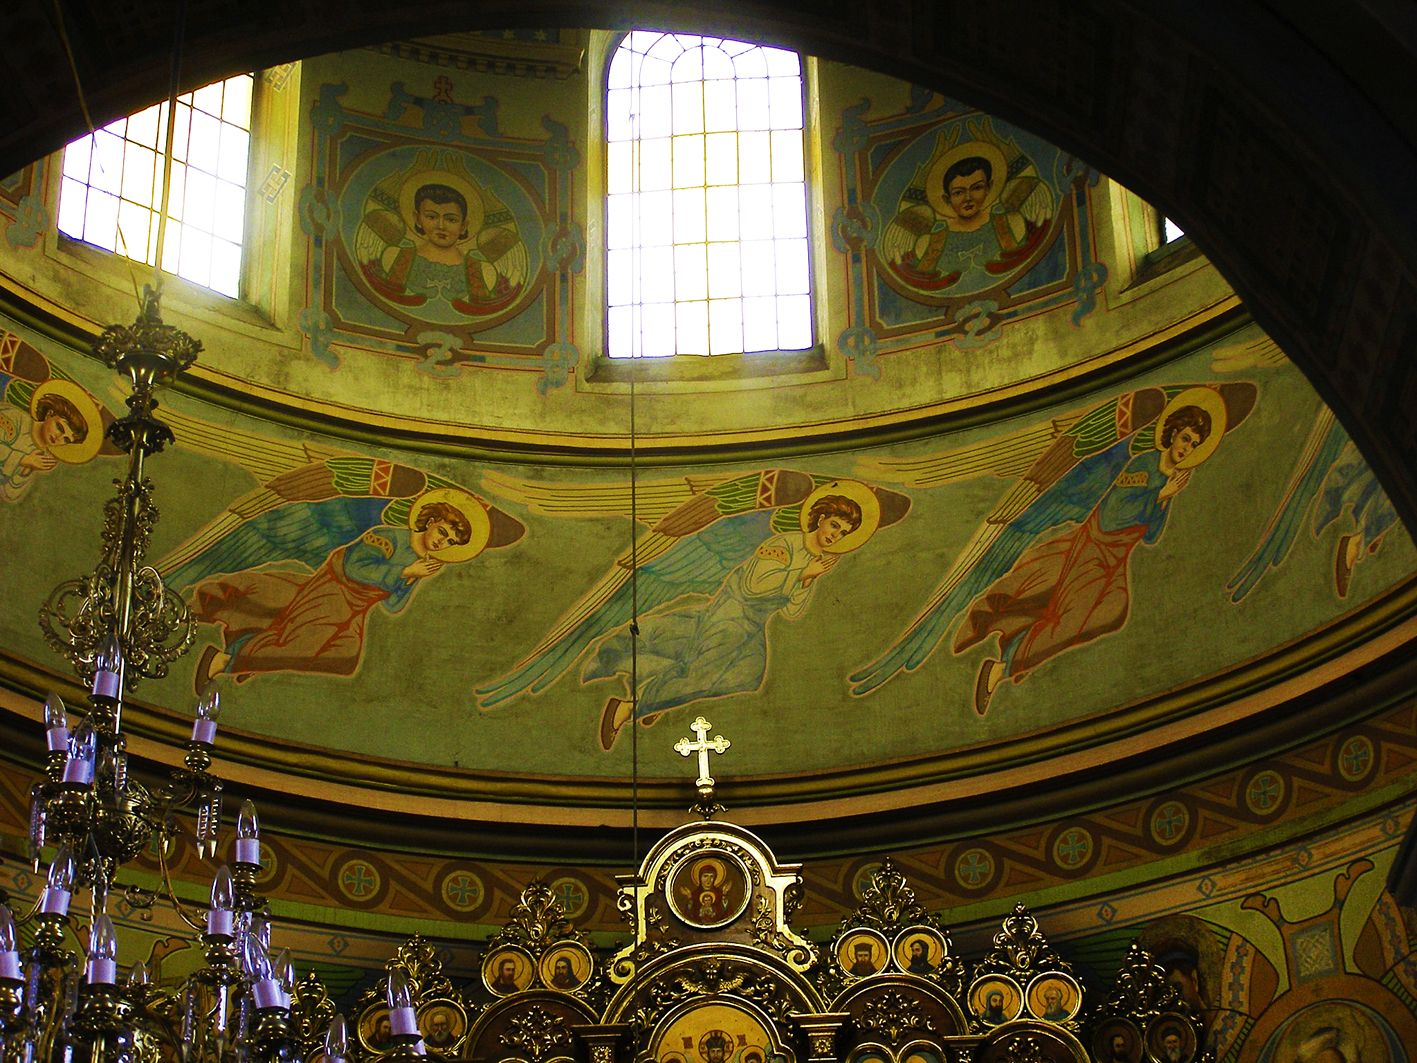 Модест Сосенко. Розписи церкви Успіння в Славсько, 1909-11